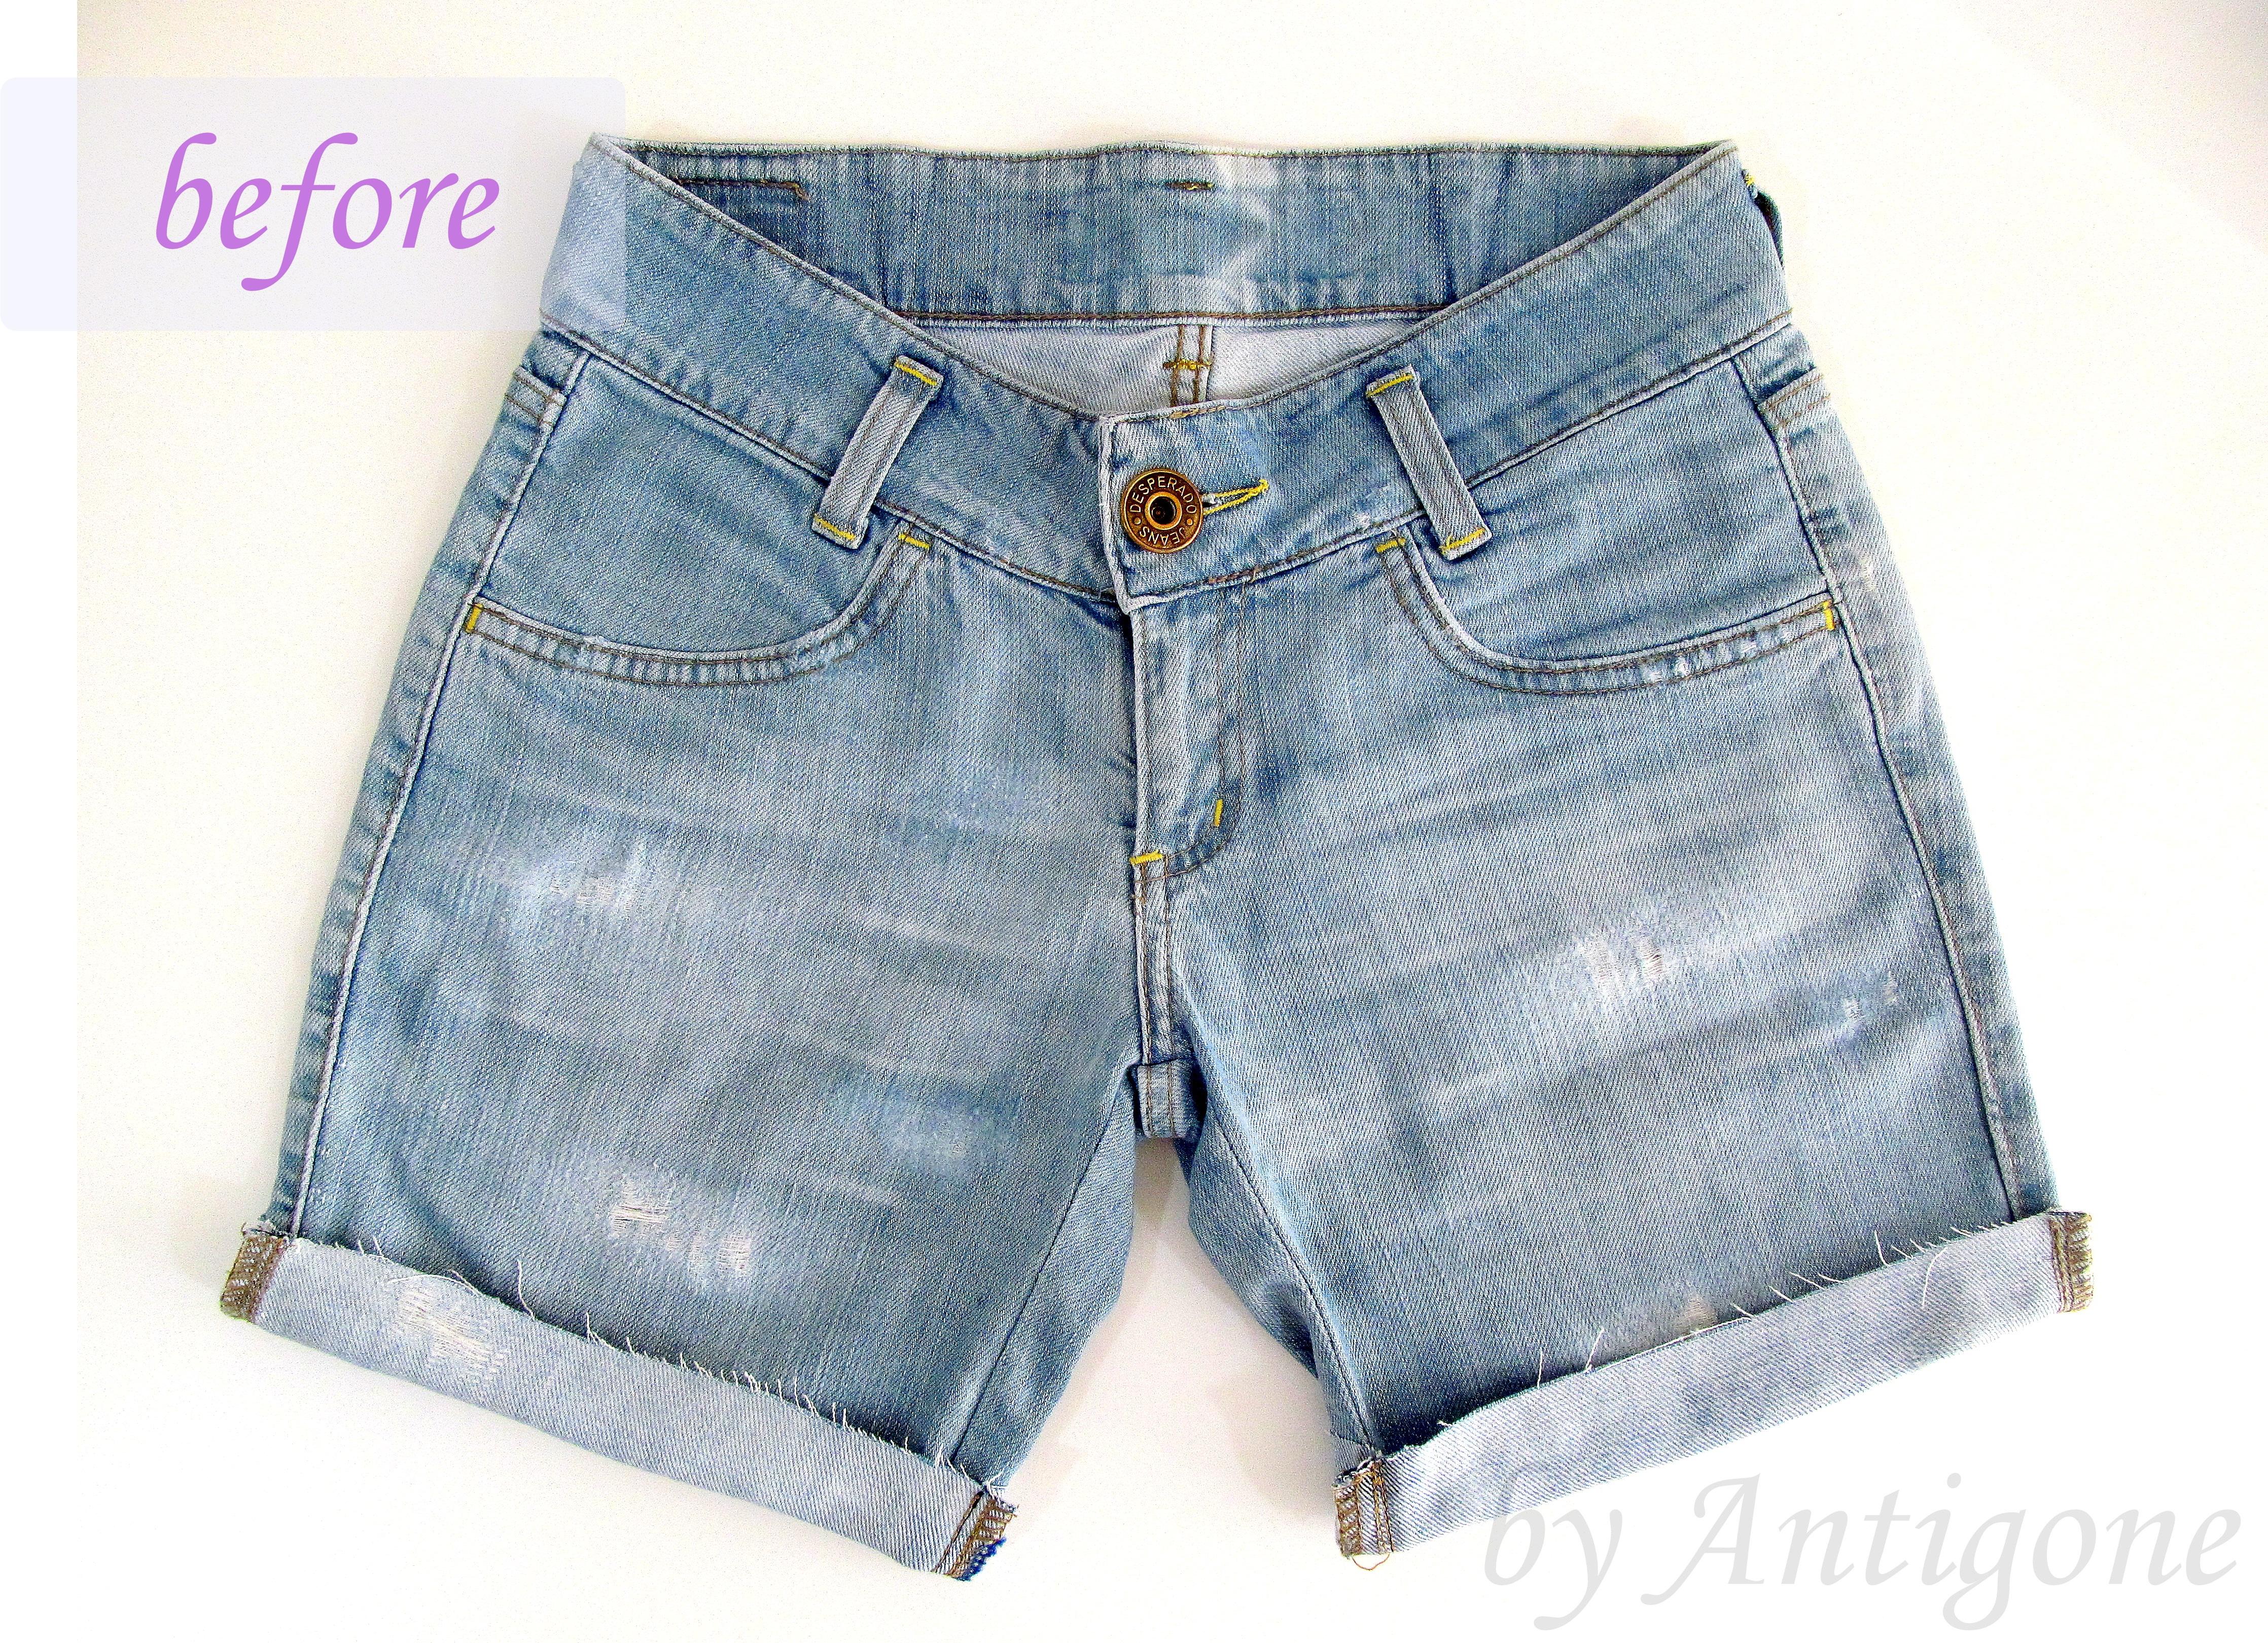 Dar Gelen Pantolon Nasıl Genişletilir